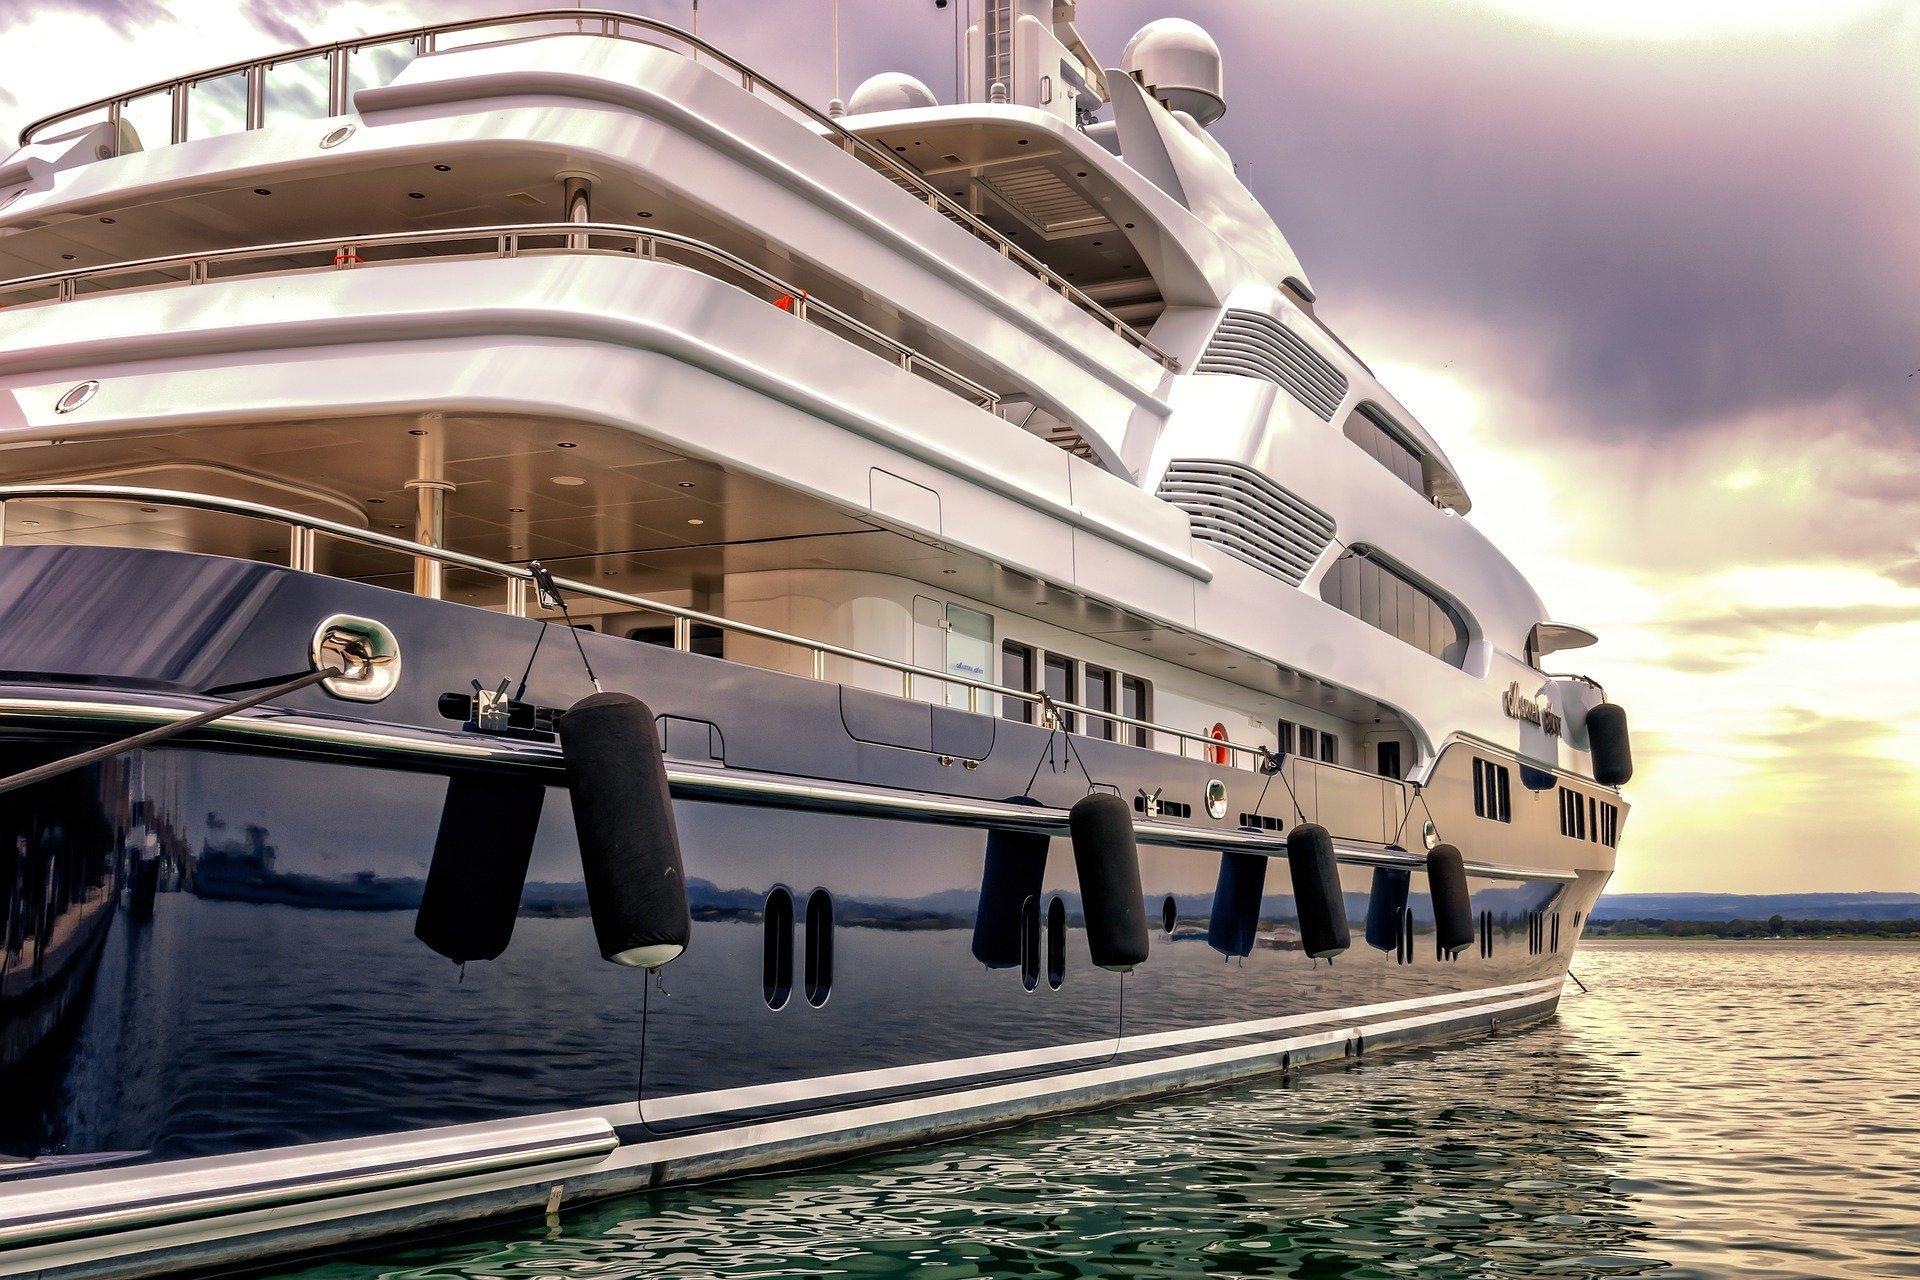 Besitz & Luxus